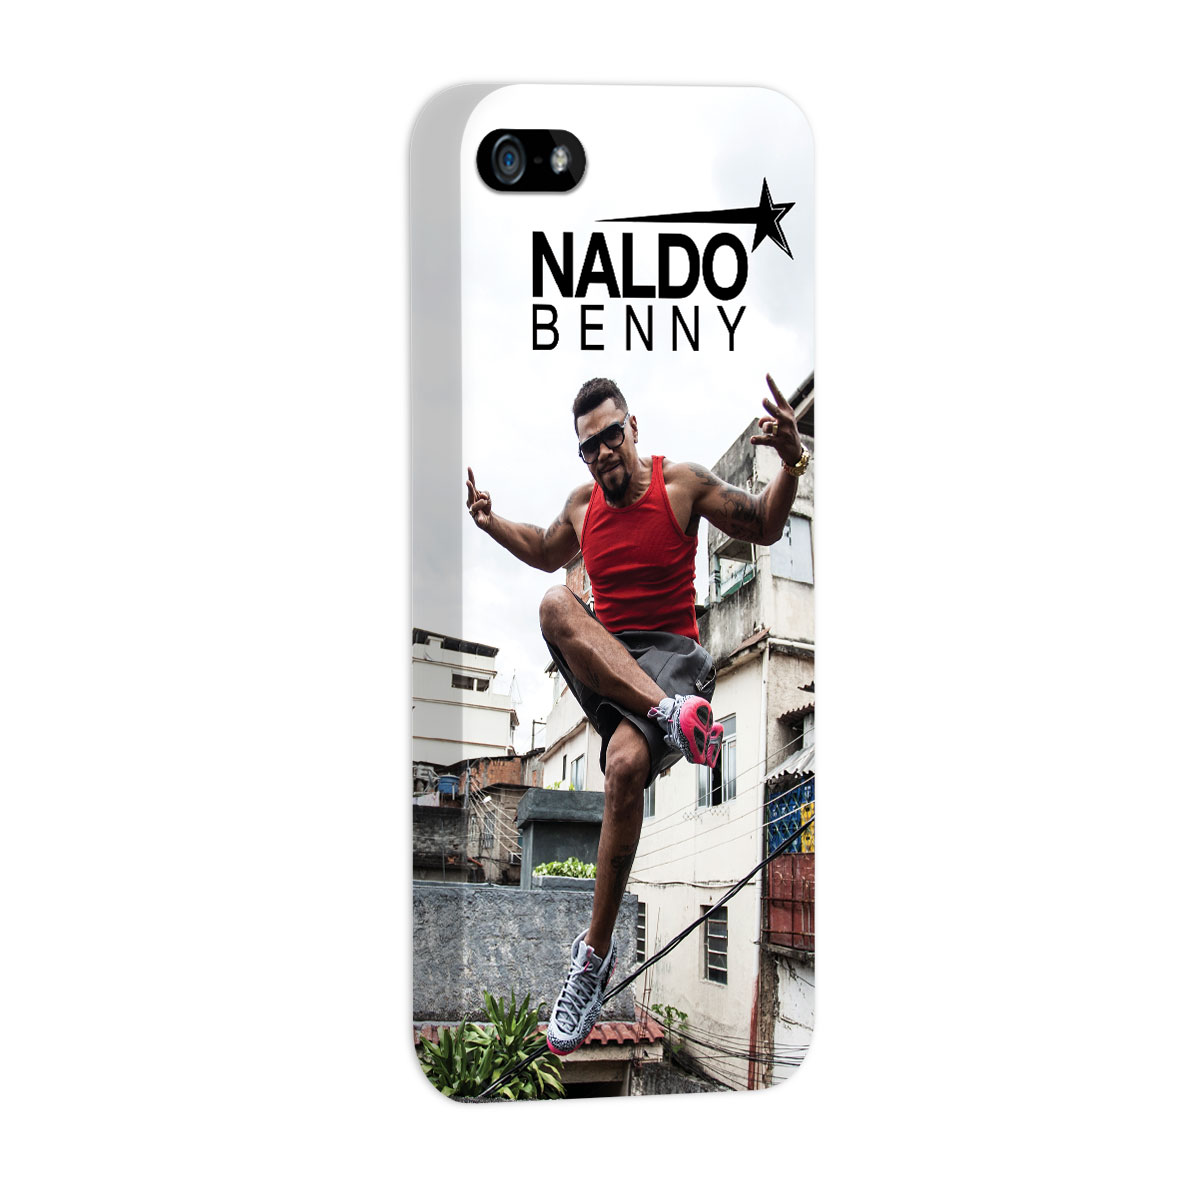 Capa para iPhone 5/5S Naldo Benny Jump